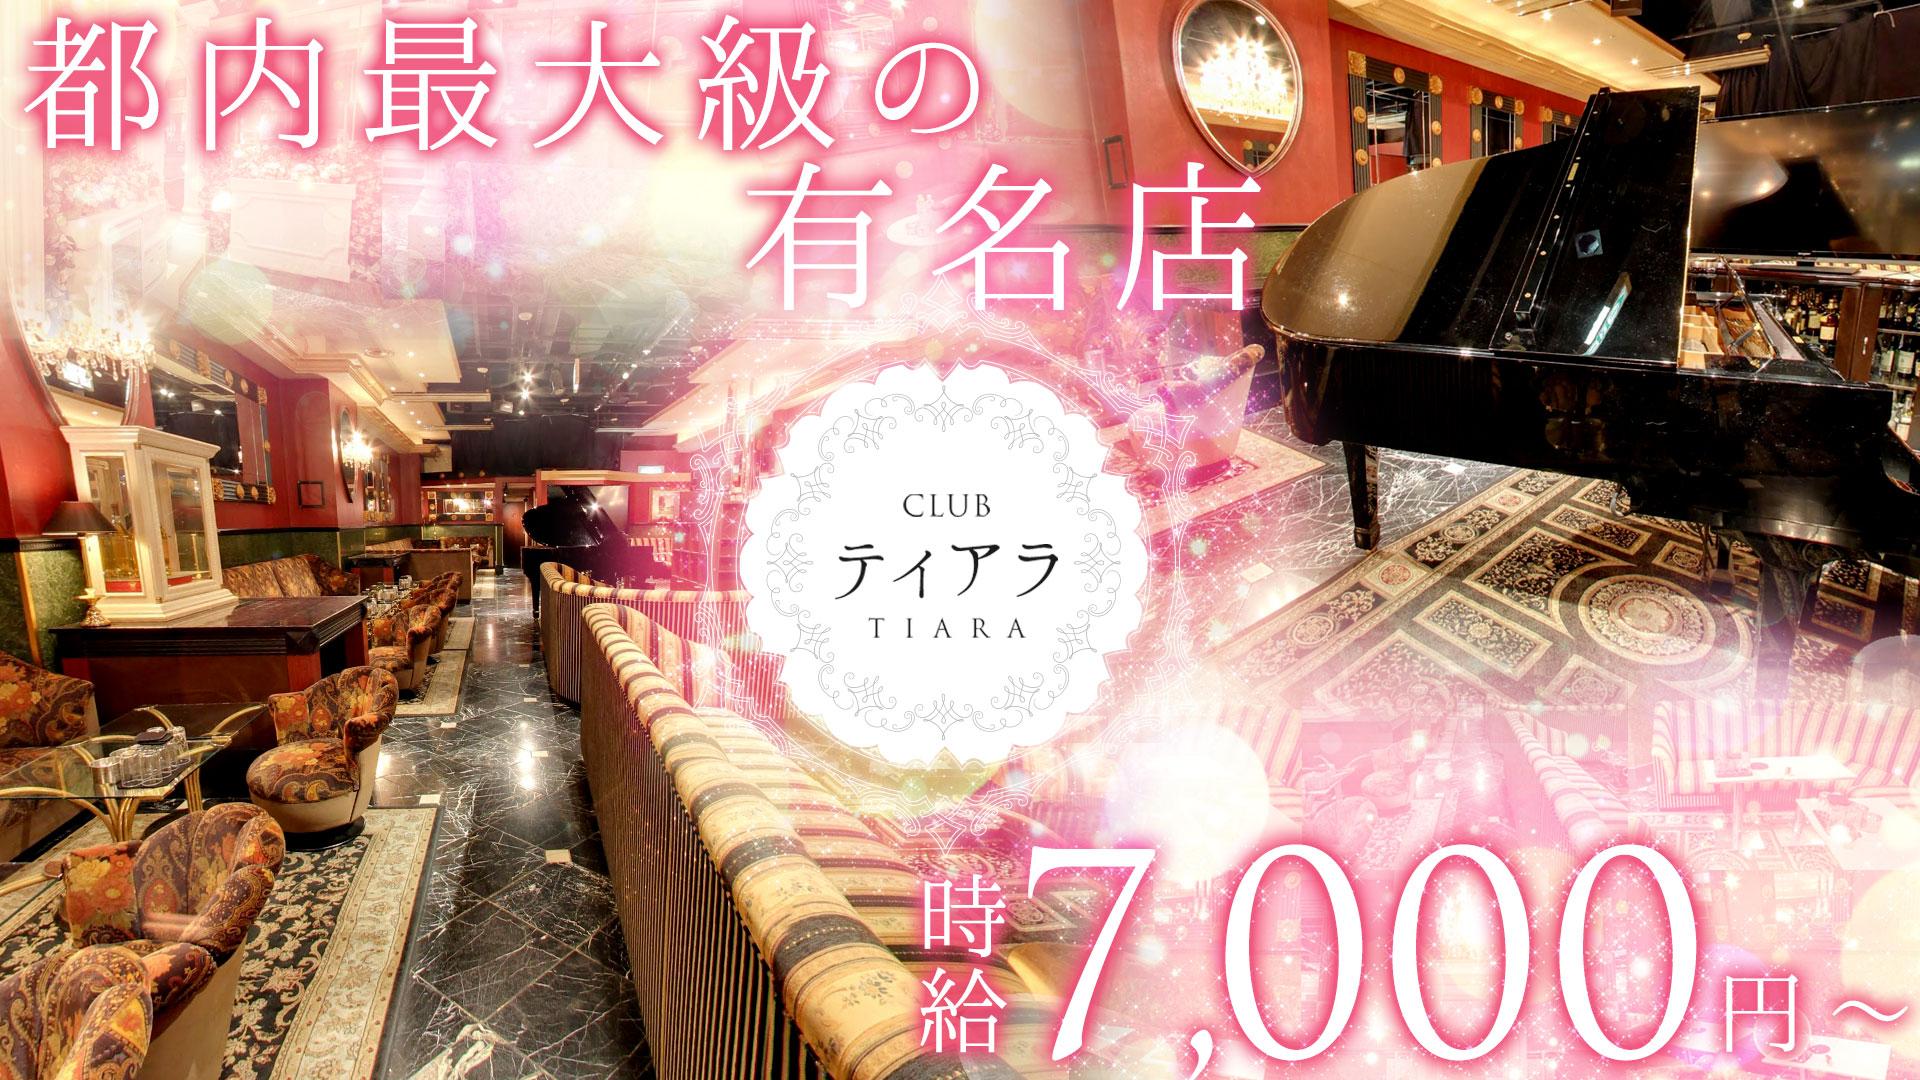 CLUB Tiara [ クラブ ティアラ] 上野 キャバクラ TOP画像